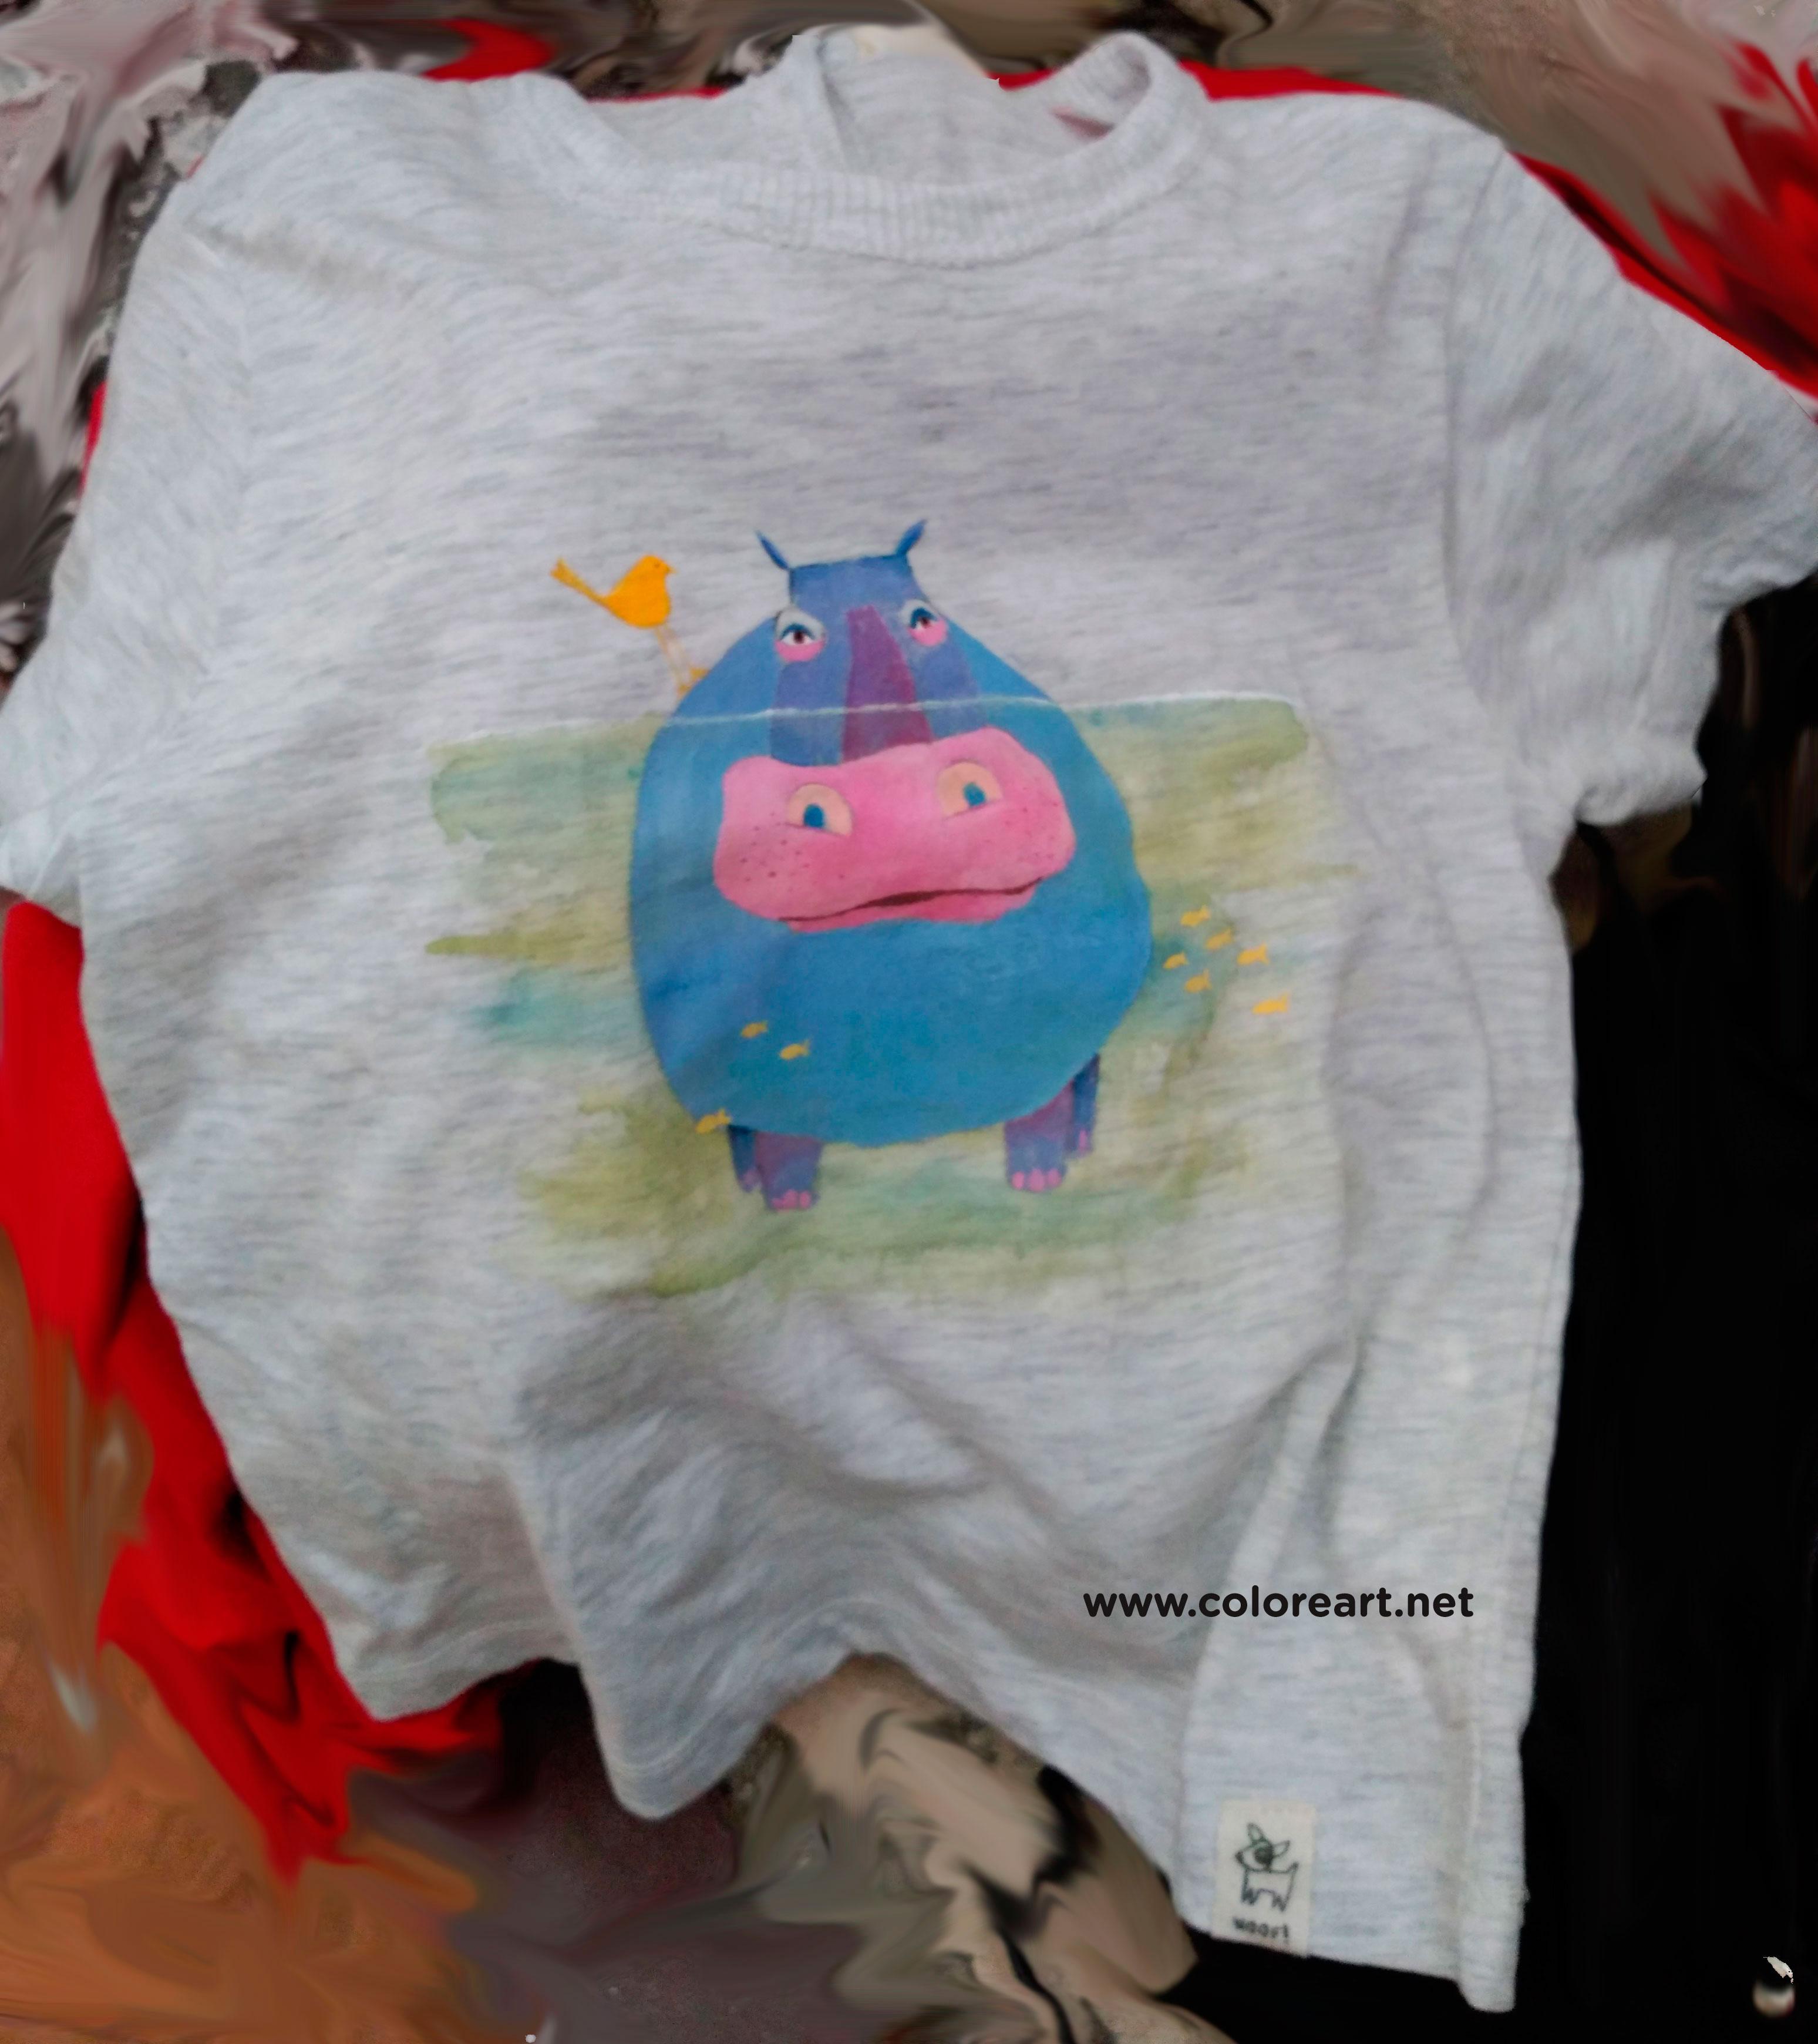 Tutorial para pintar camisetas talleres artisticos coloreart - Pintar camisetas ninos ...